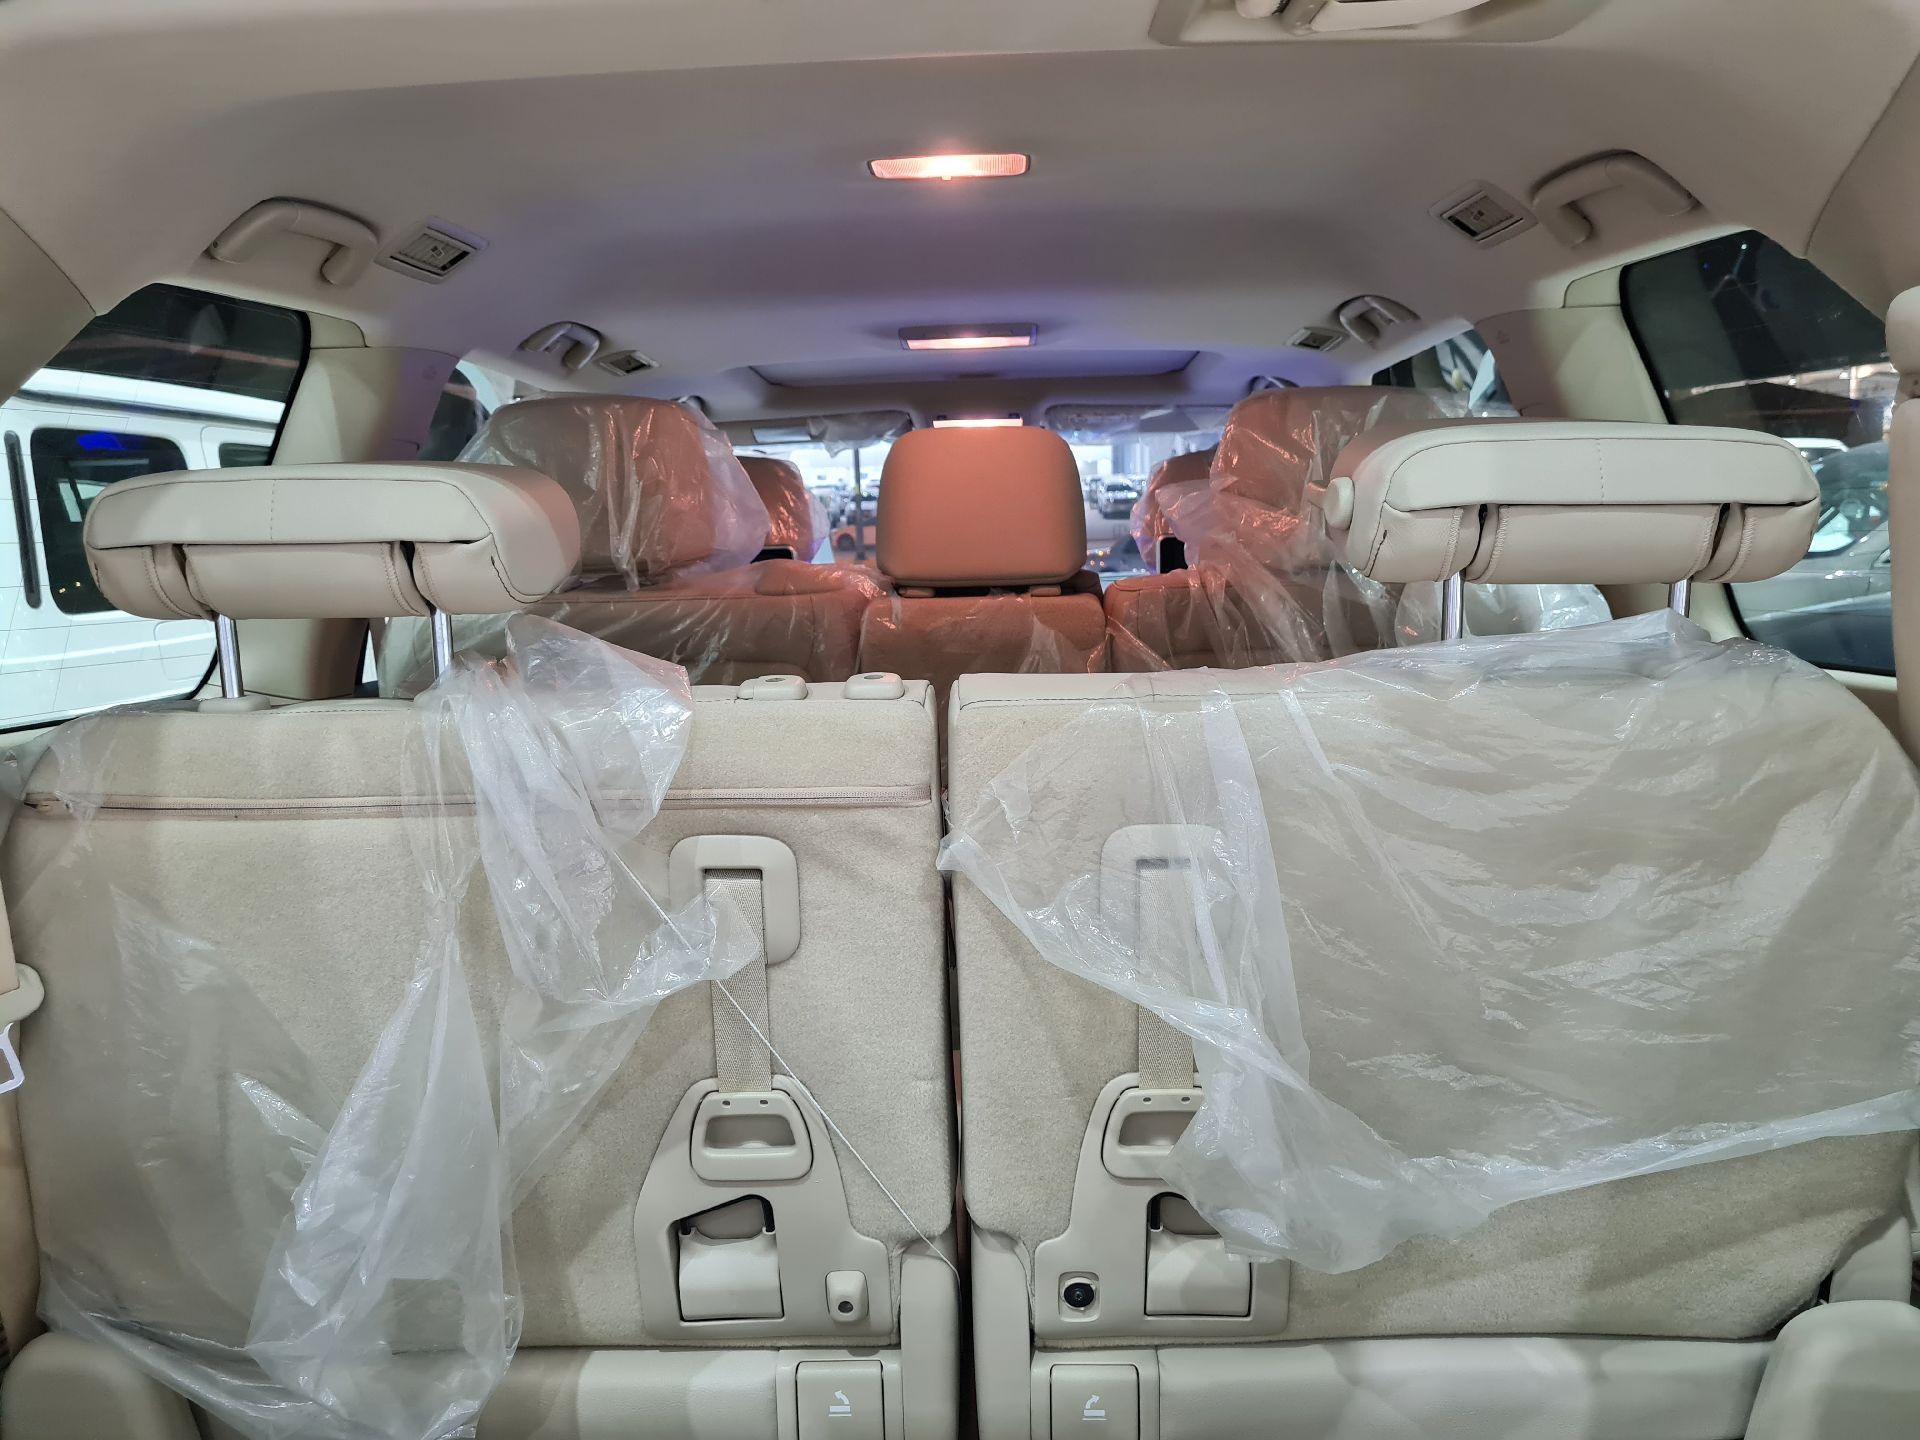 تويوتا لاندكروزر GXR قراند تورنق 2021 بريمي فل للبيع في الرياض - السعودية - صورة كبيرة - 7